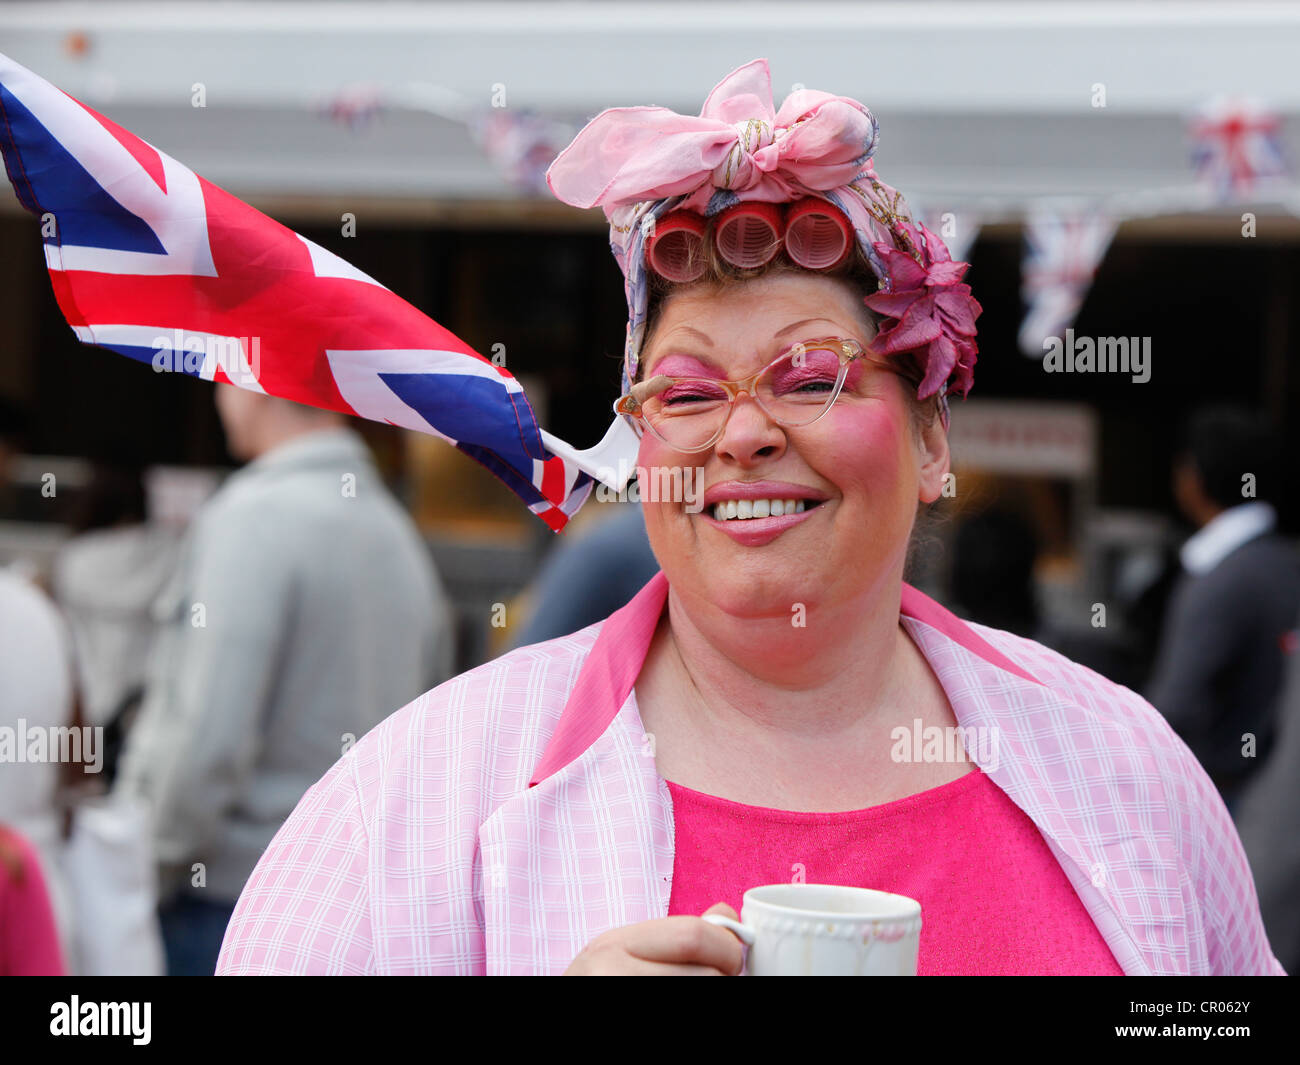 Artiste de rue à Birmingham au cours de la célébration du jubilé de diamant de la Reine. Photo Stock